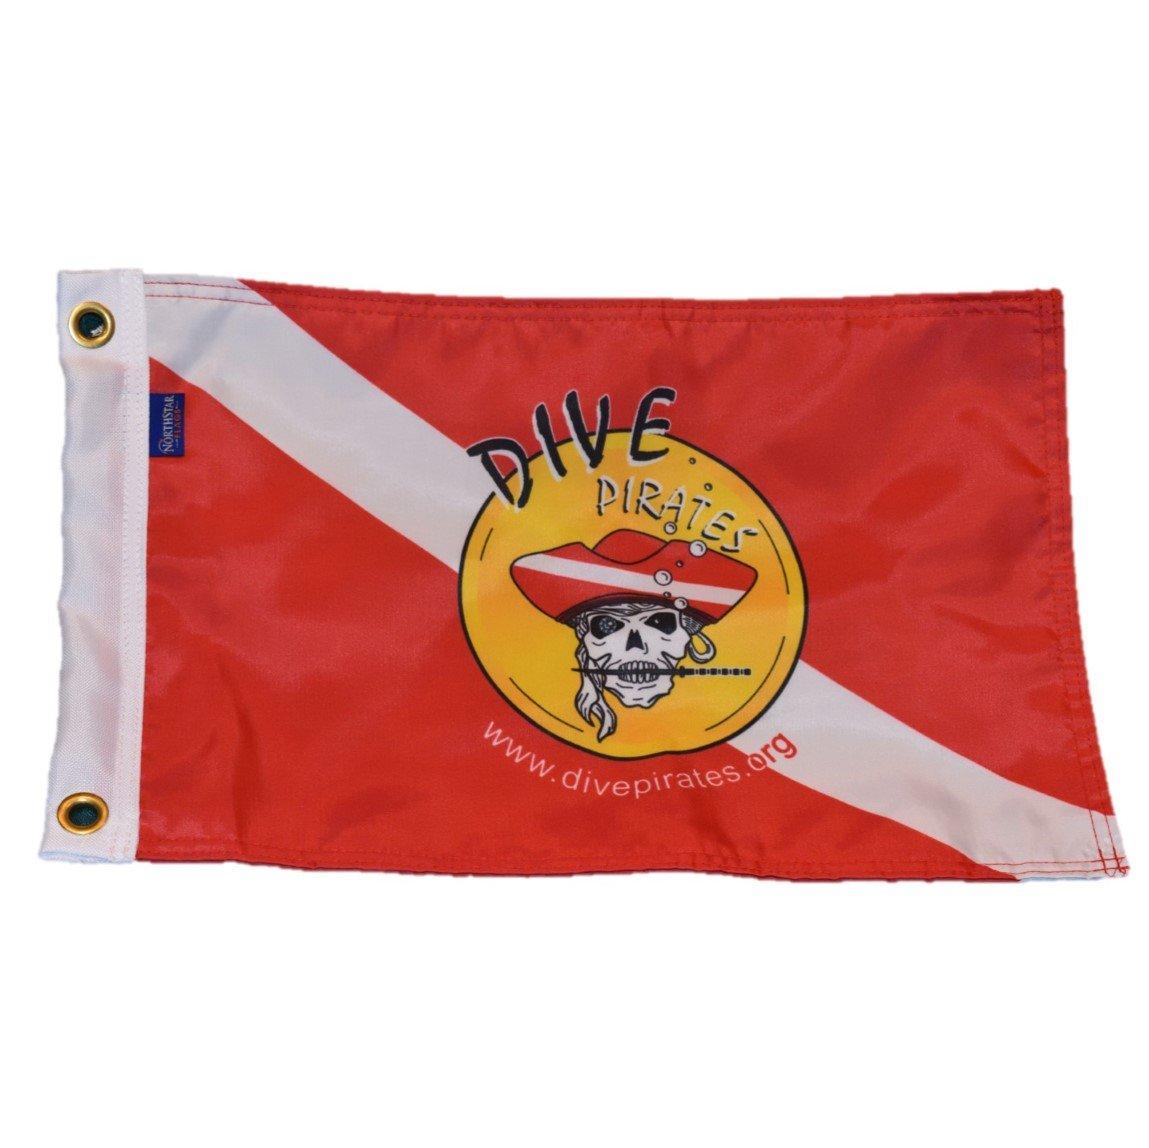 Dive Pirates - Official Dive Flag